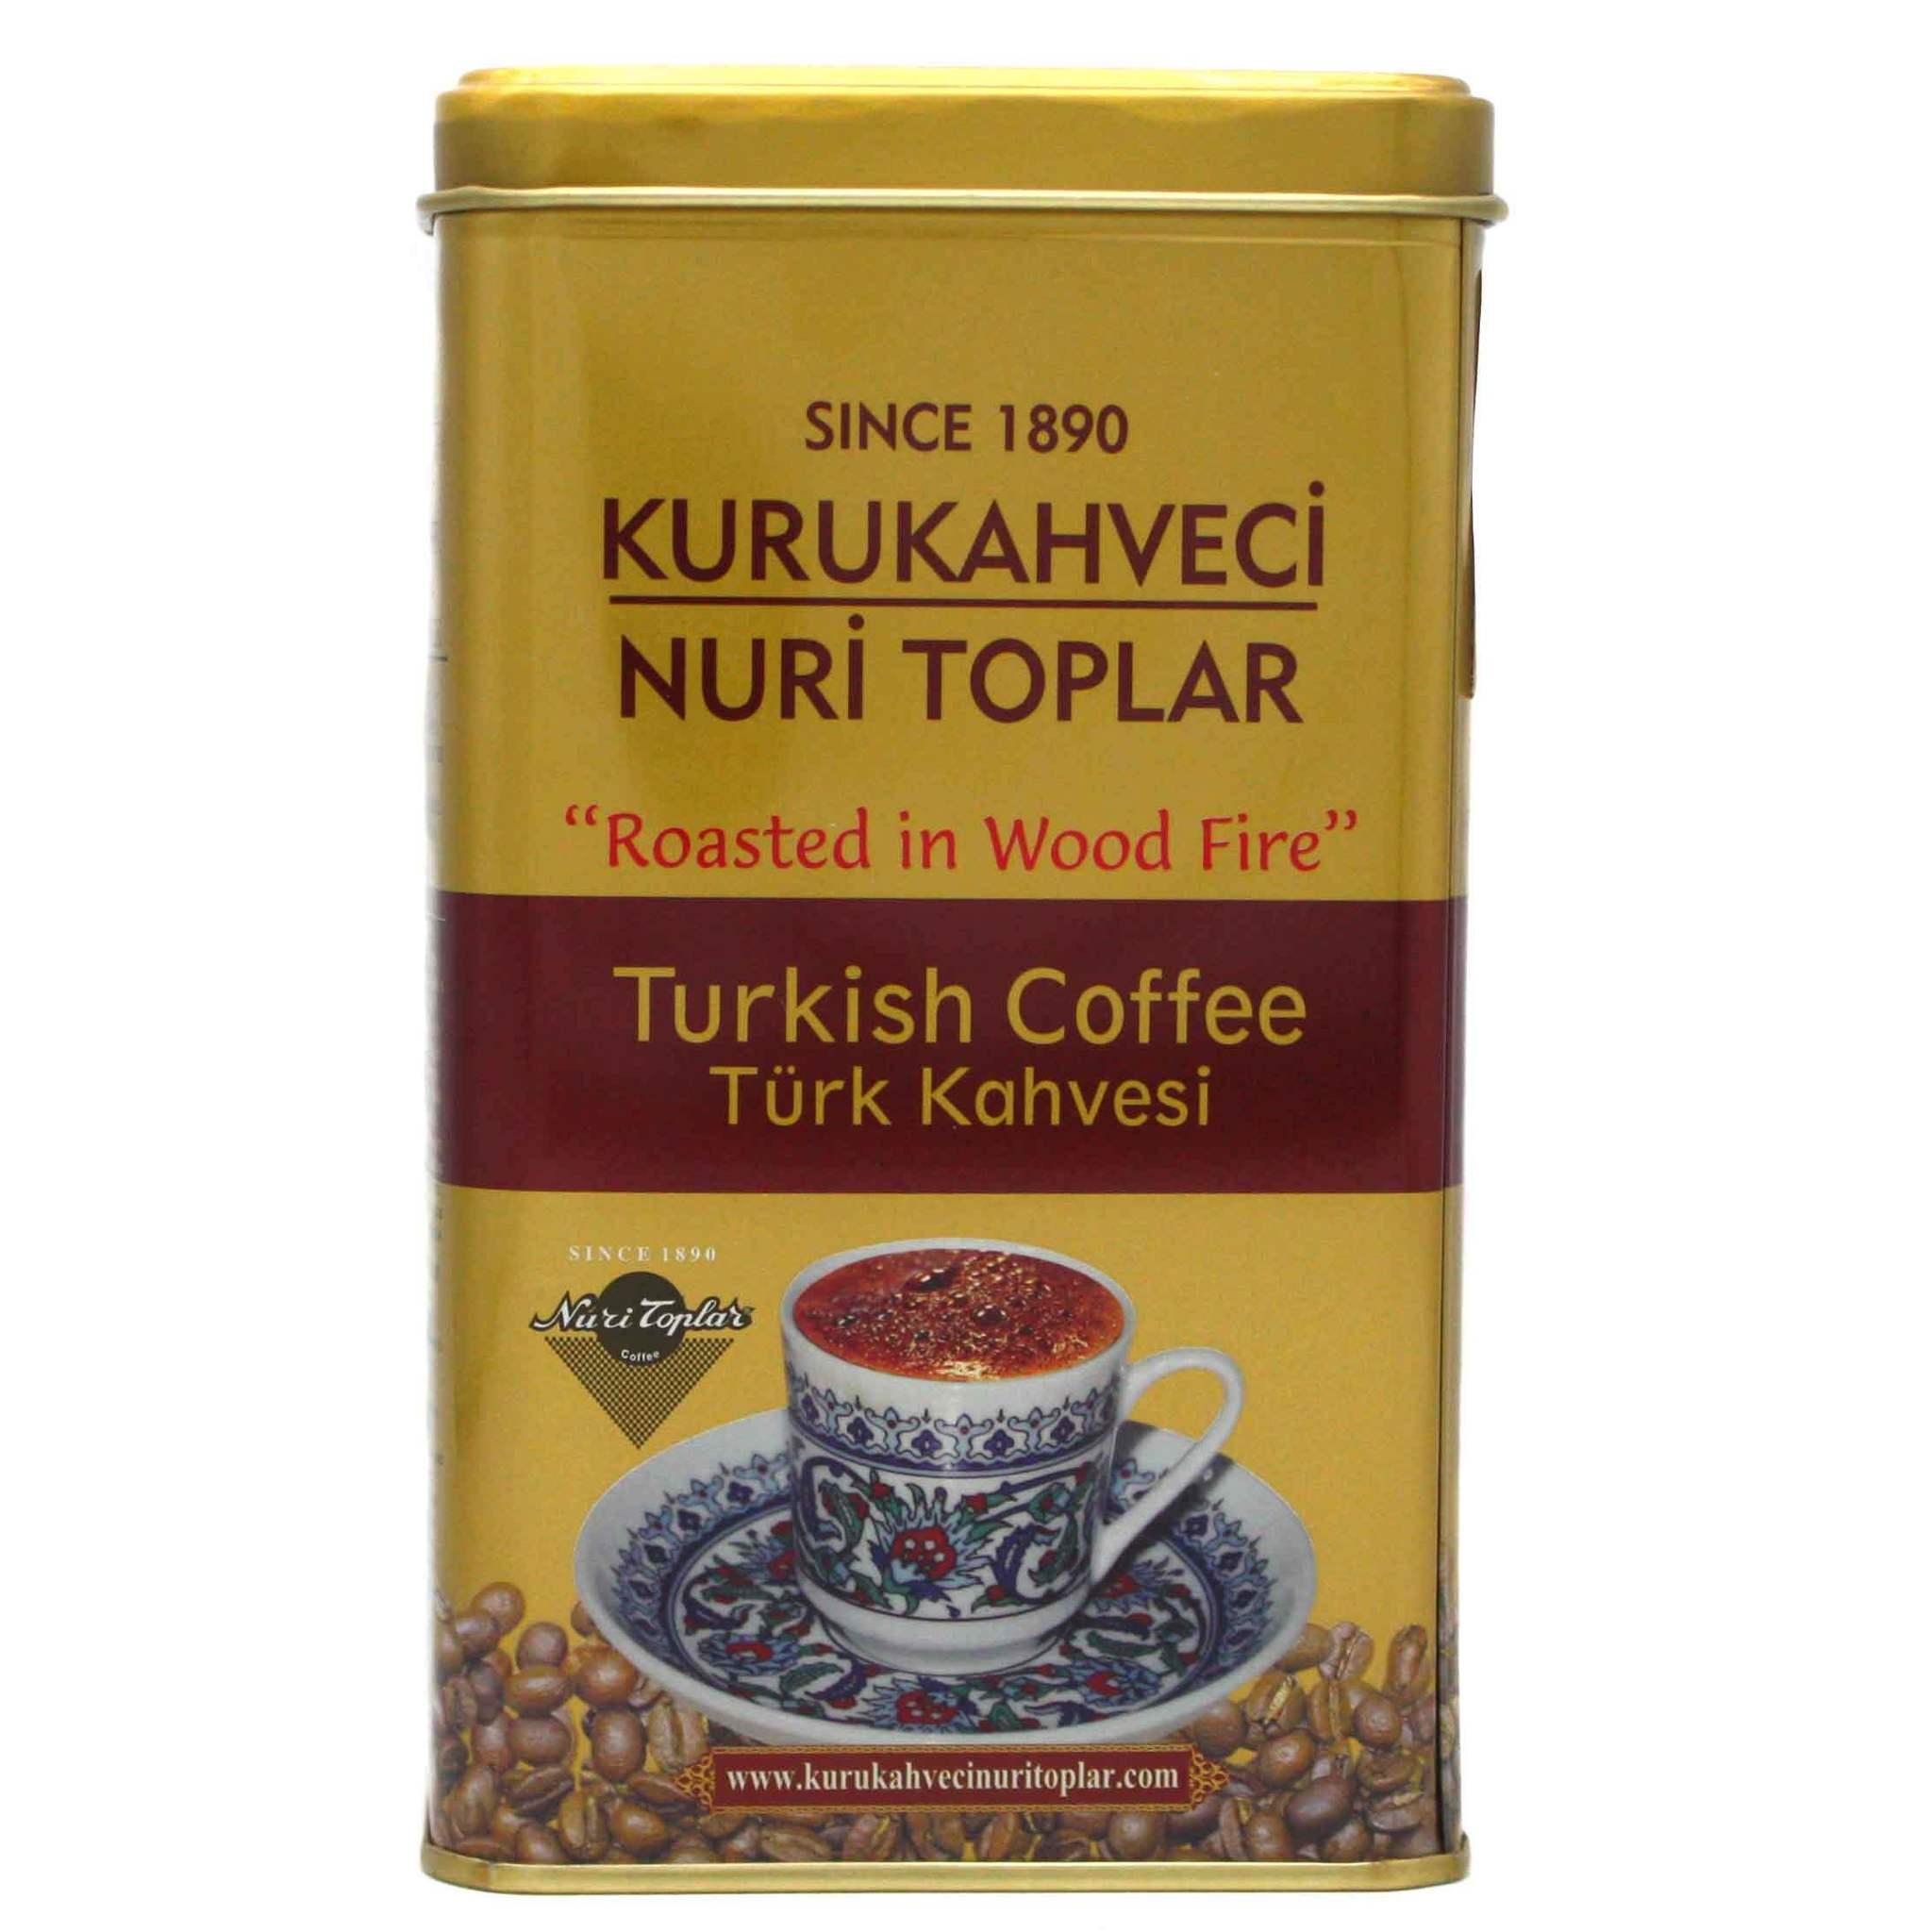 Nuri Toplar Турецкий кофе молотый, Nuri Toplar Turkish, 300 г import_files_44_444270f9410011eaa9c6484d7ecee297_6e591933516611eaa9c7484d7ecee297.jpg